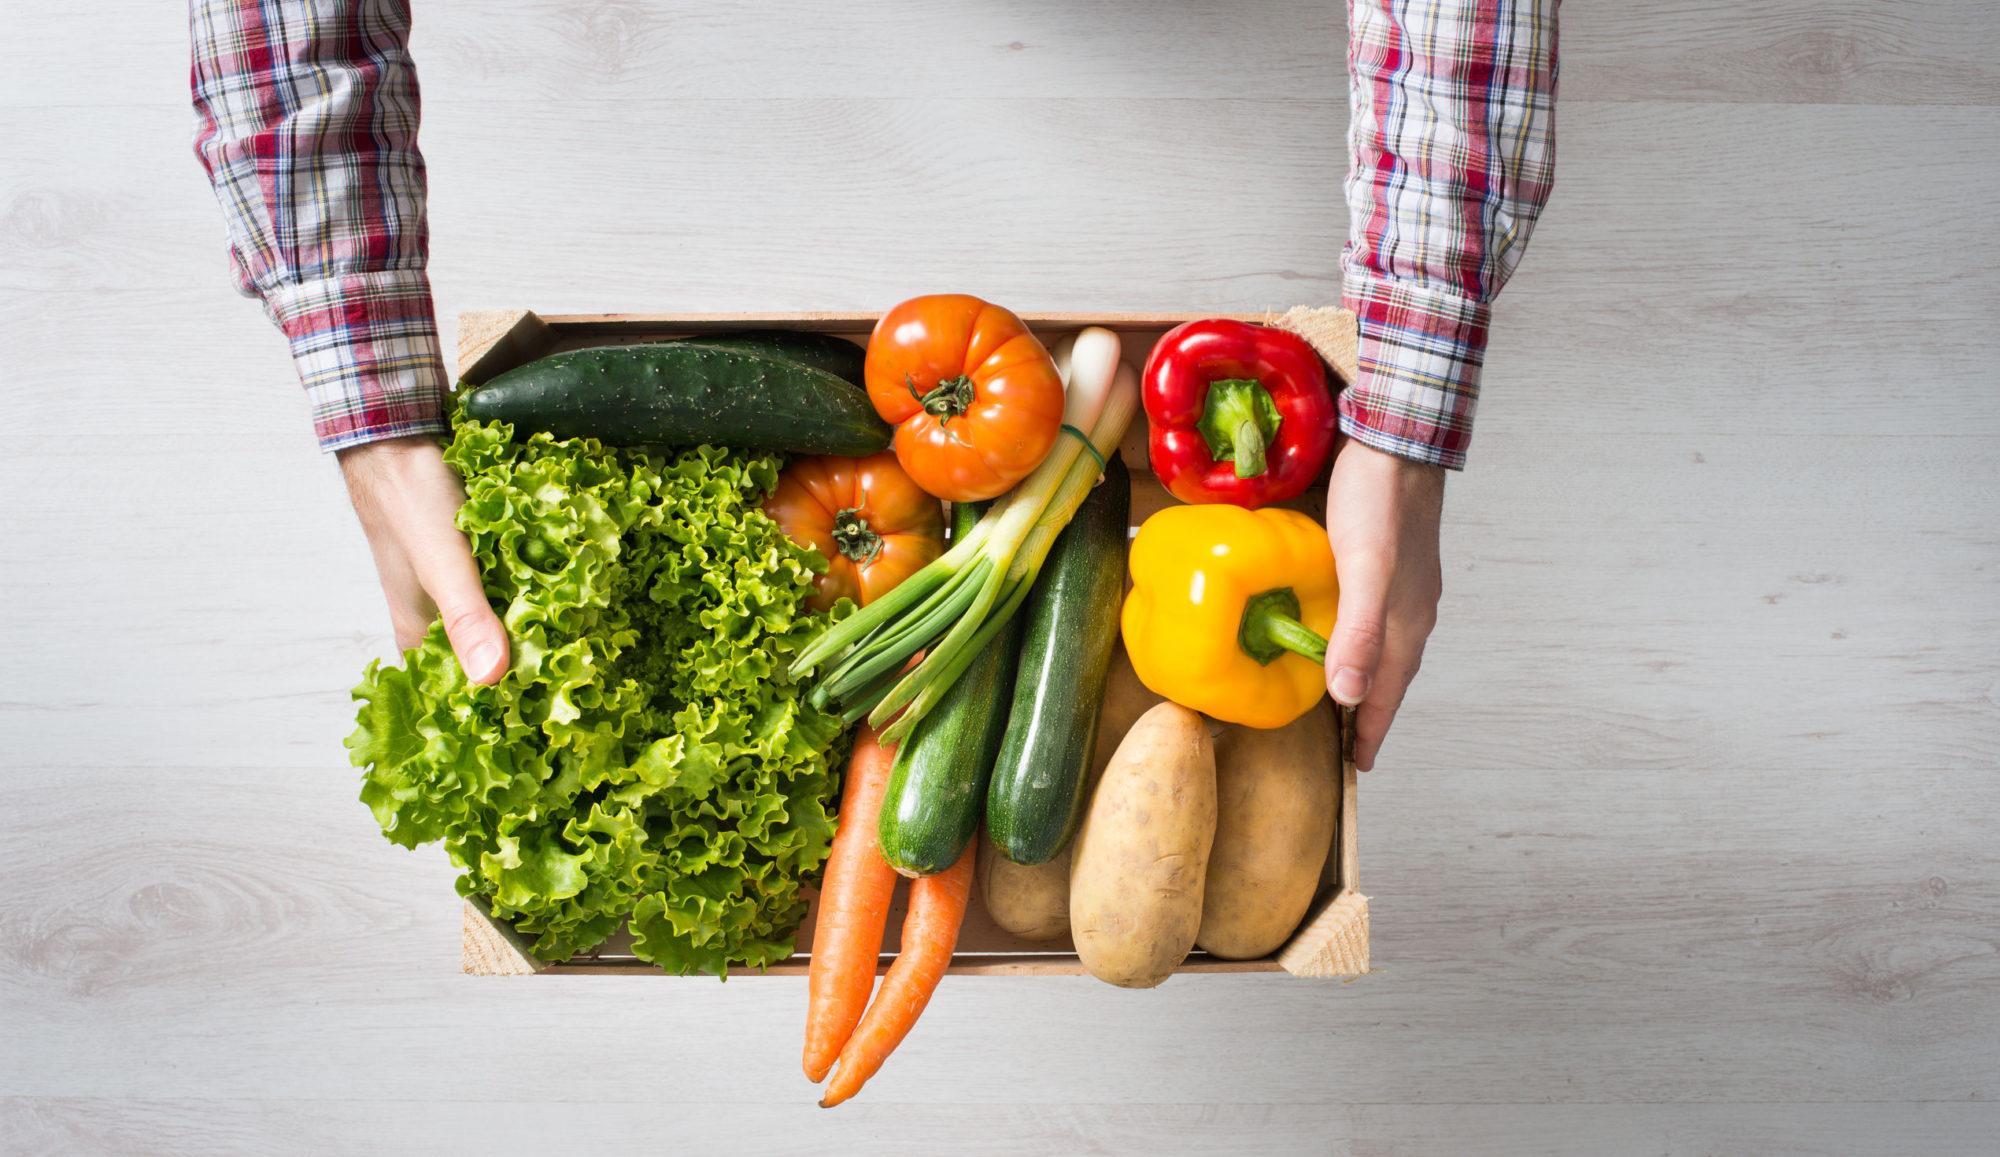 Find de bedste måltidskasser der passer til netop din smag